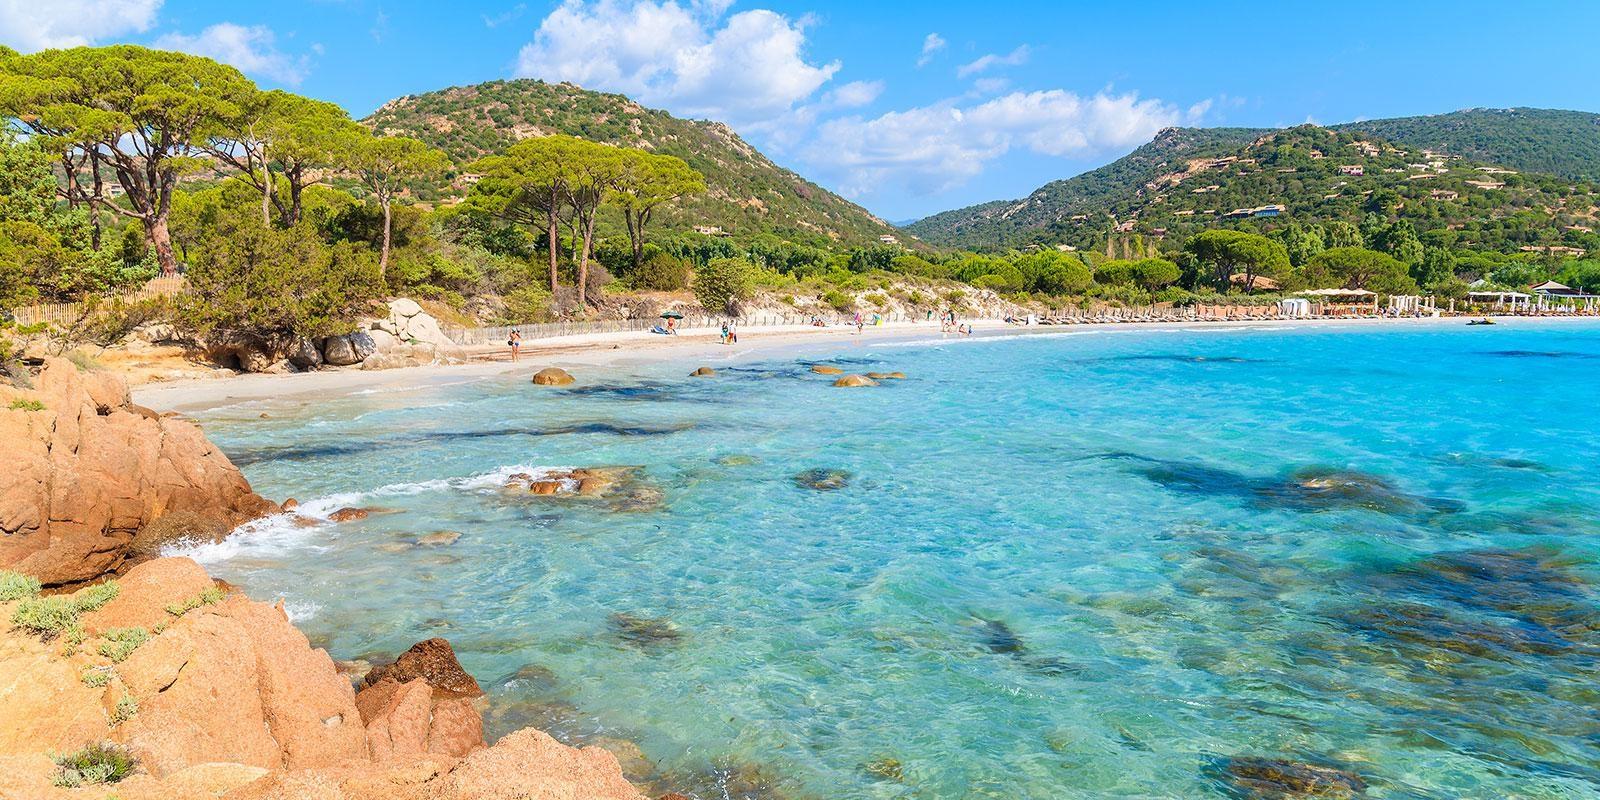 Palombaggia Corsica Frankrijk strand zee restaurant badgasten naaldbomen